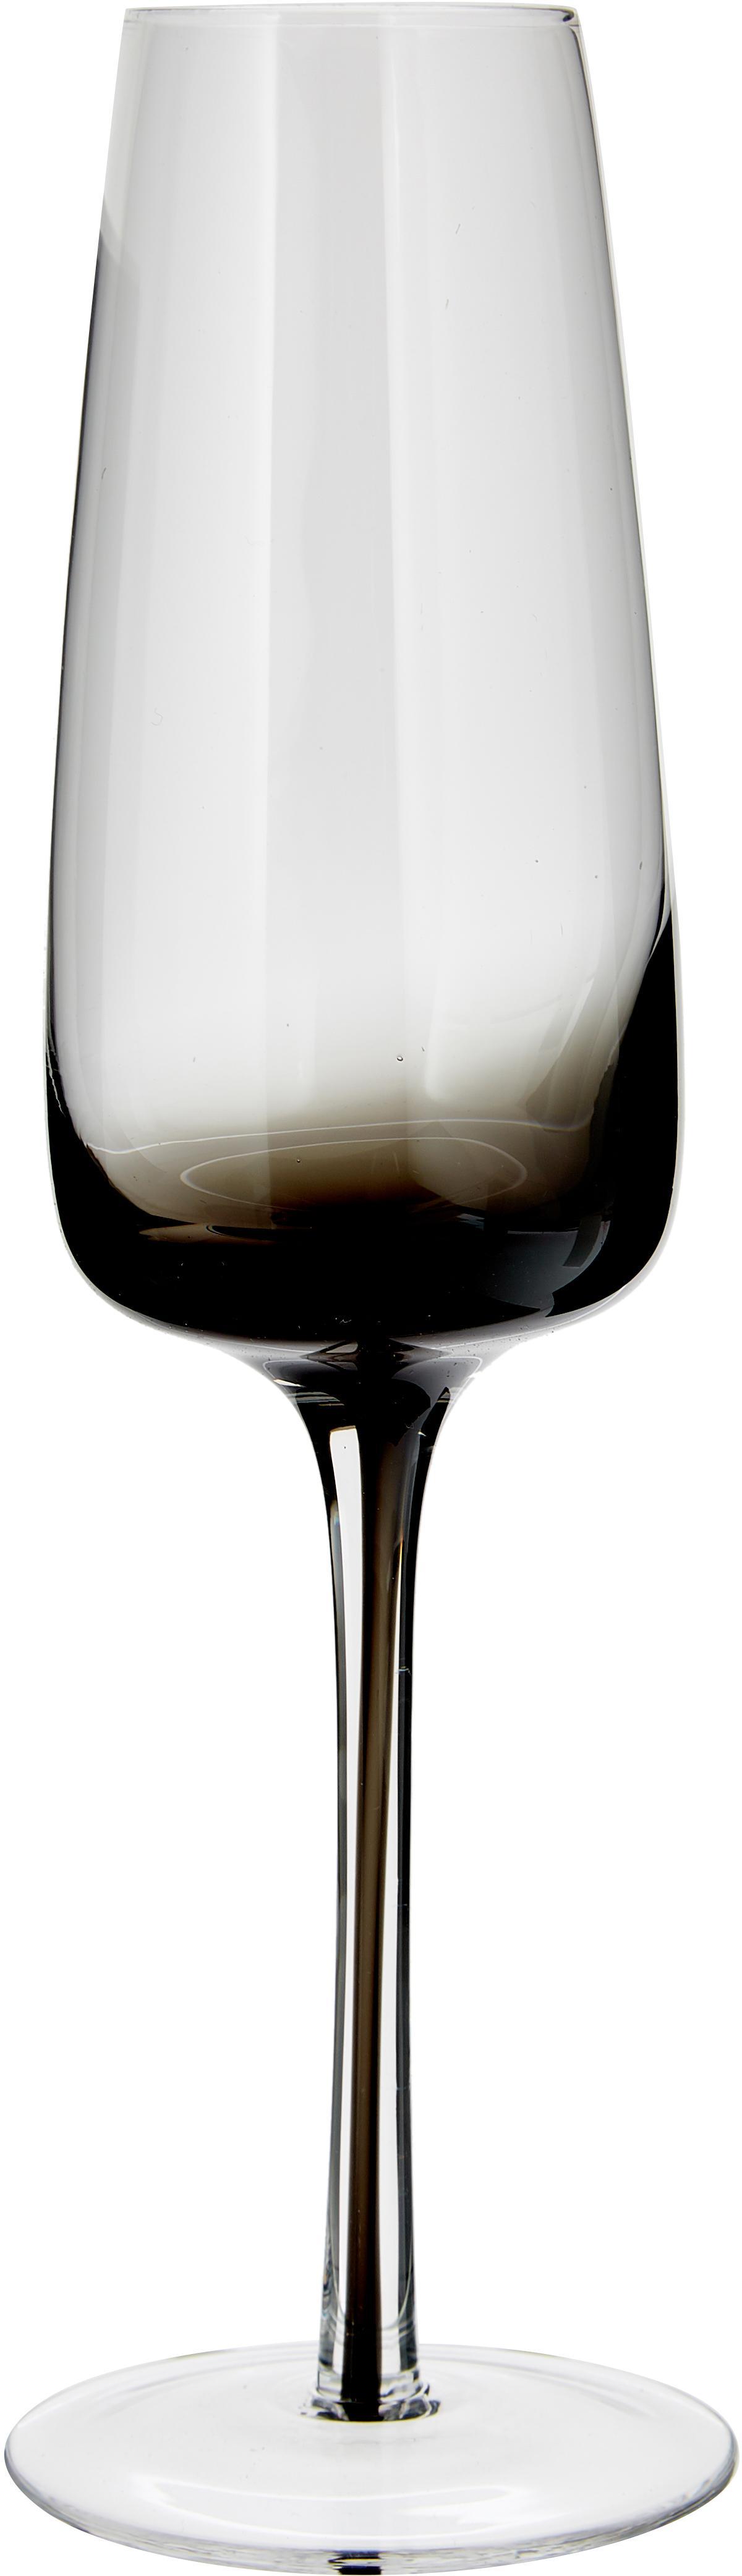 Kieliszek do szampana ze szkła dmuchanego Smoke, 4 szt., Szkło (sodowo-wapniowe), dmuchane, Transparentny, z szarym odcieniem, Ø 7 x 23 cm